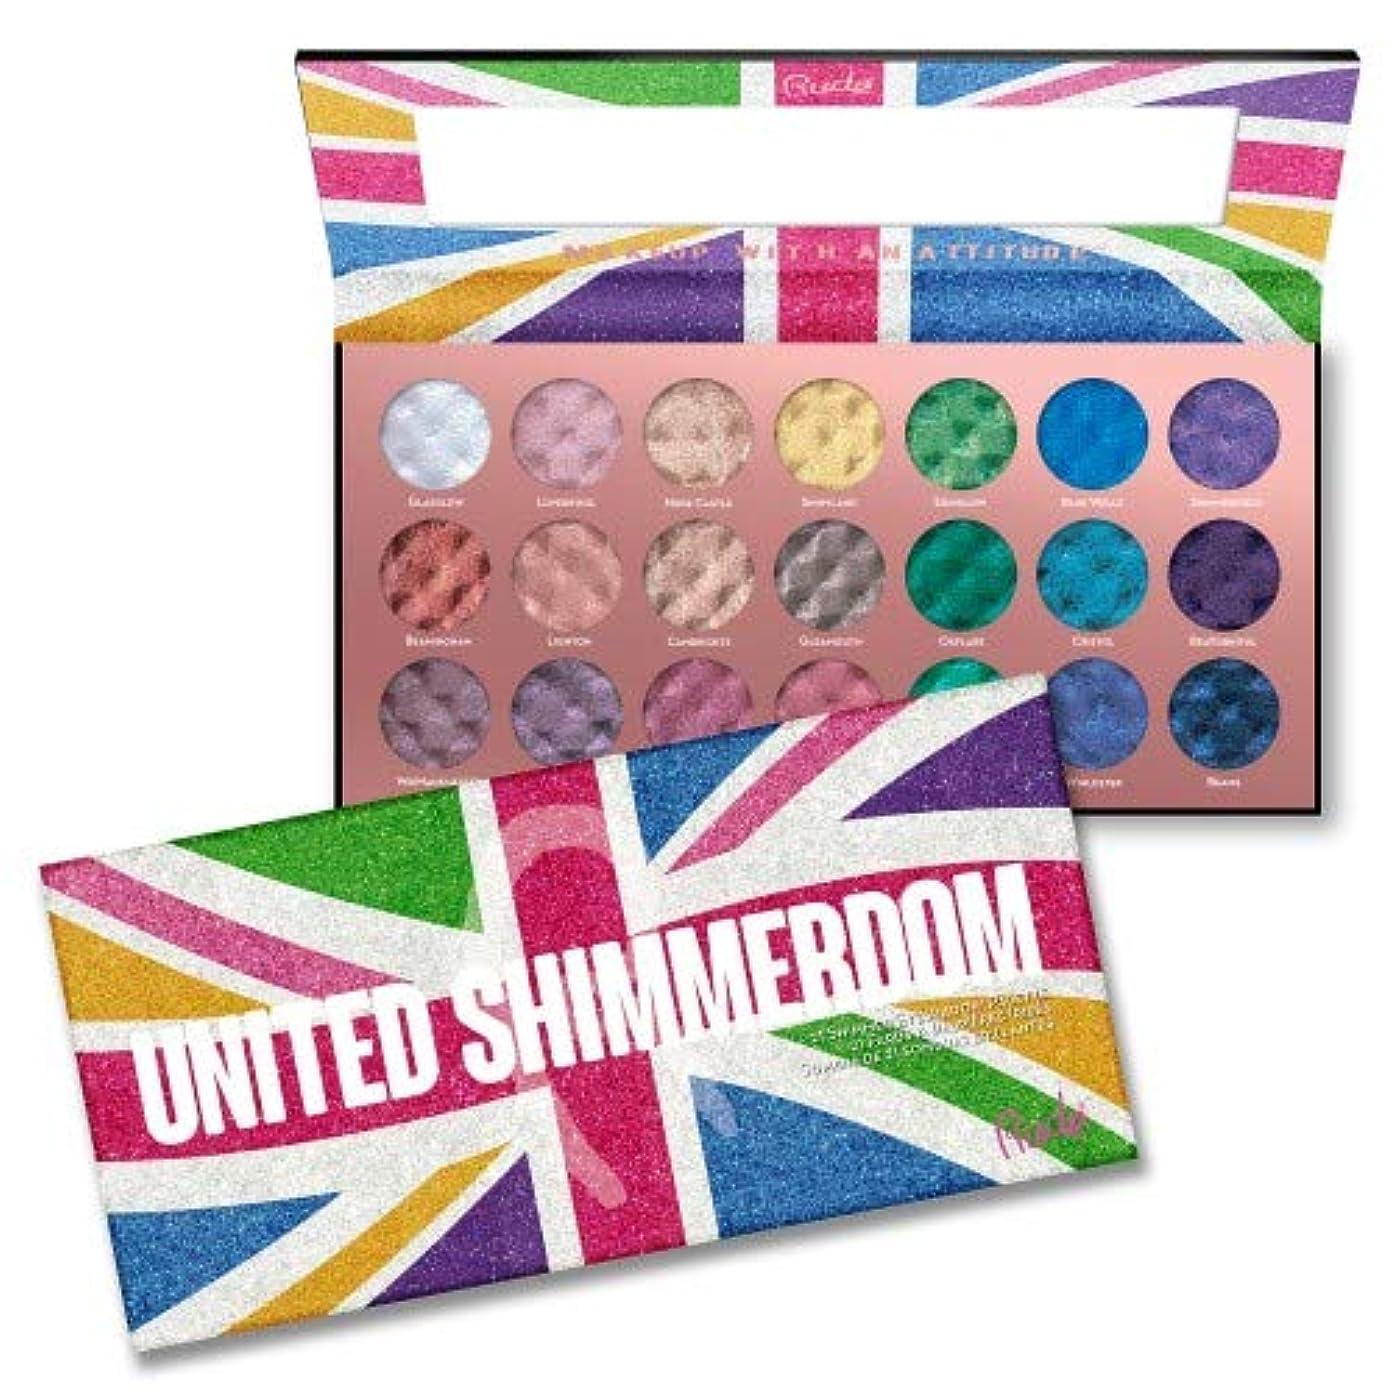 ツール食事後方に(6 Pack) RUDE United Shimmerdom - 21 Shimmer Eyeshadow Palette (並行輸入品)